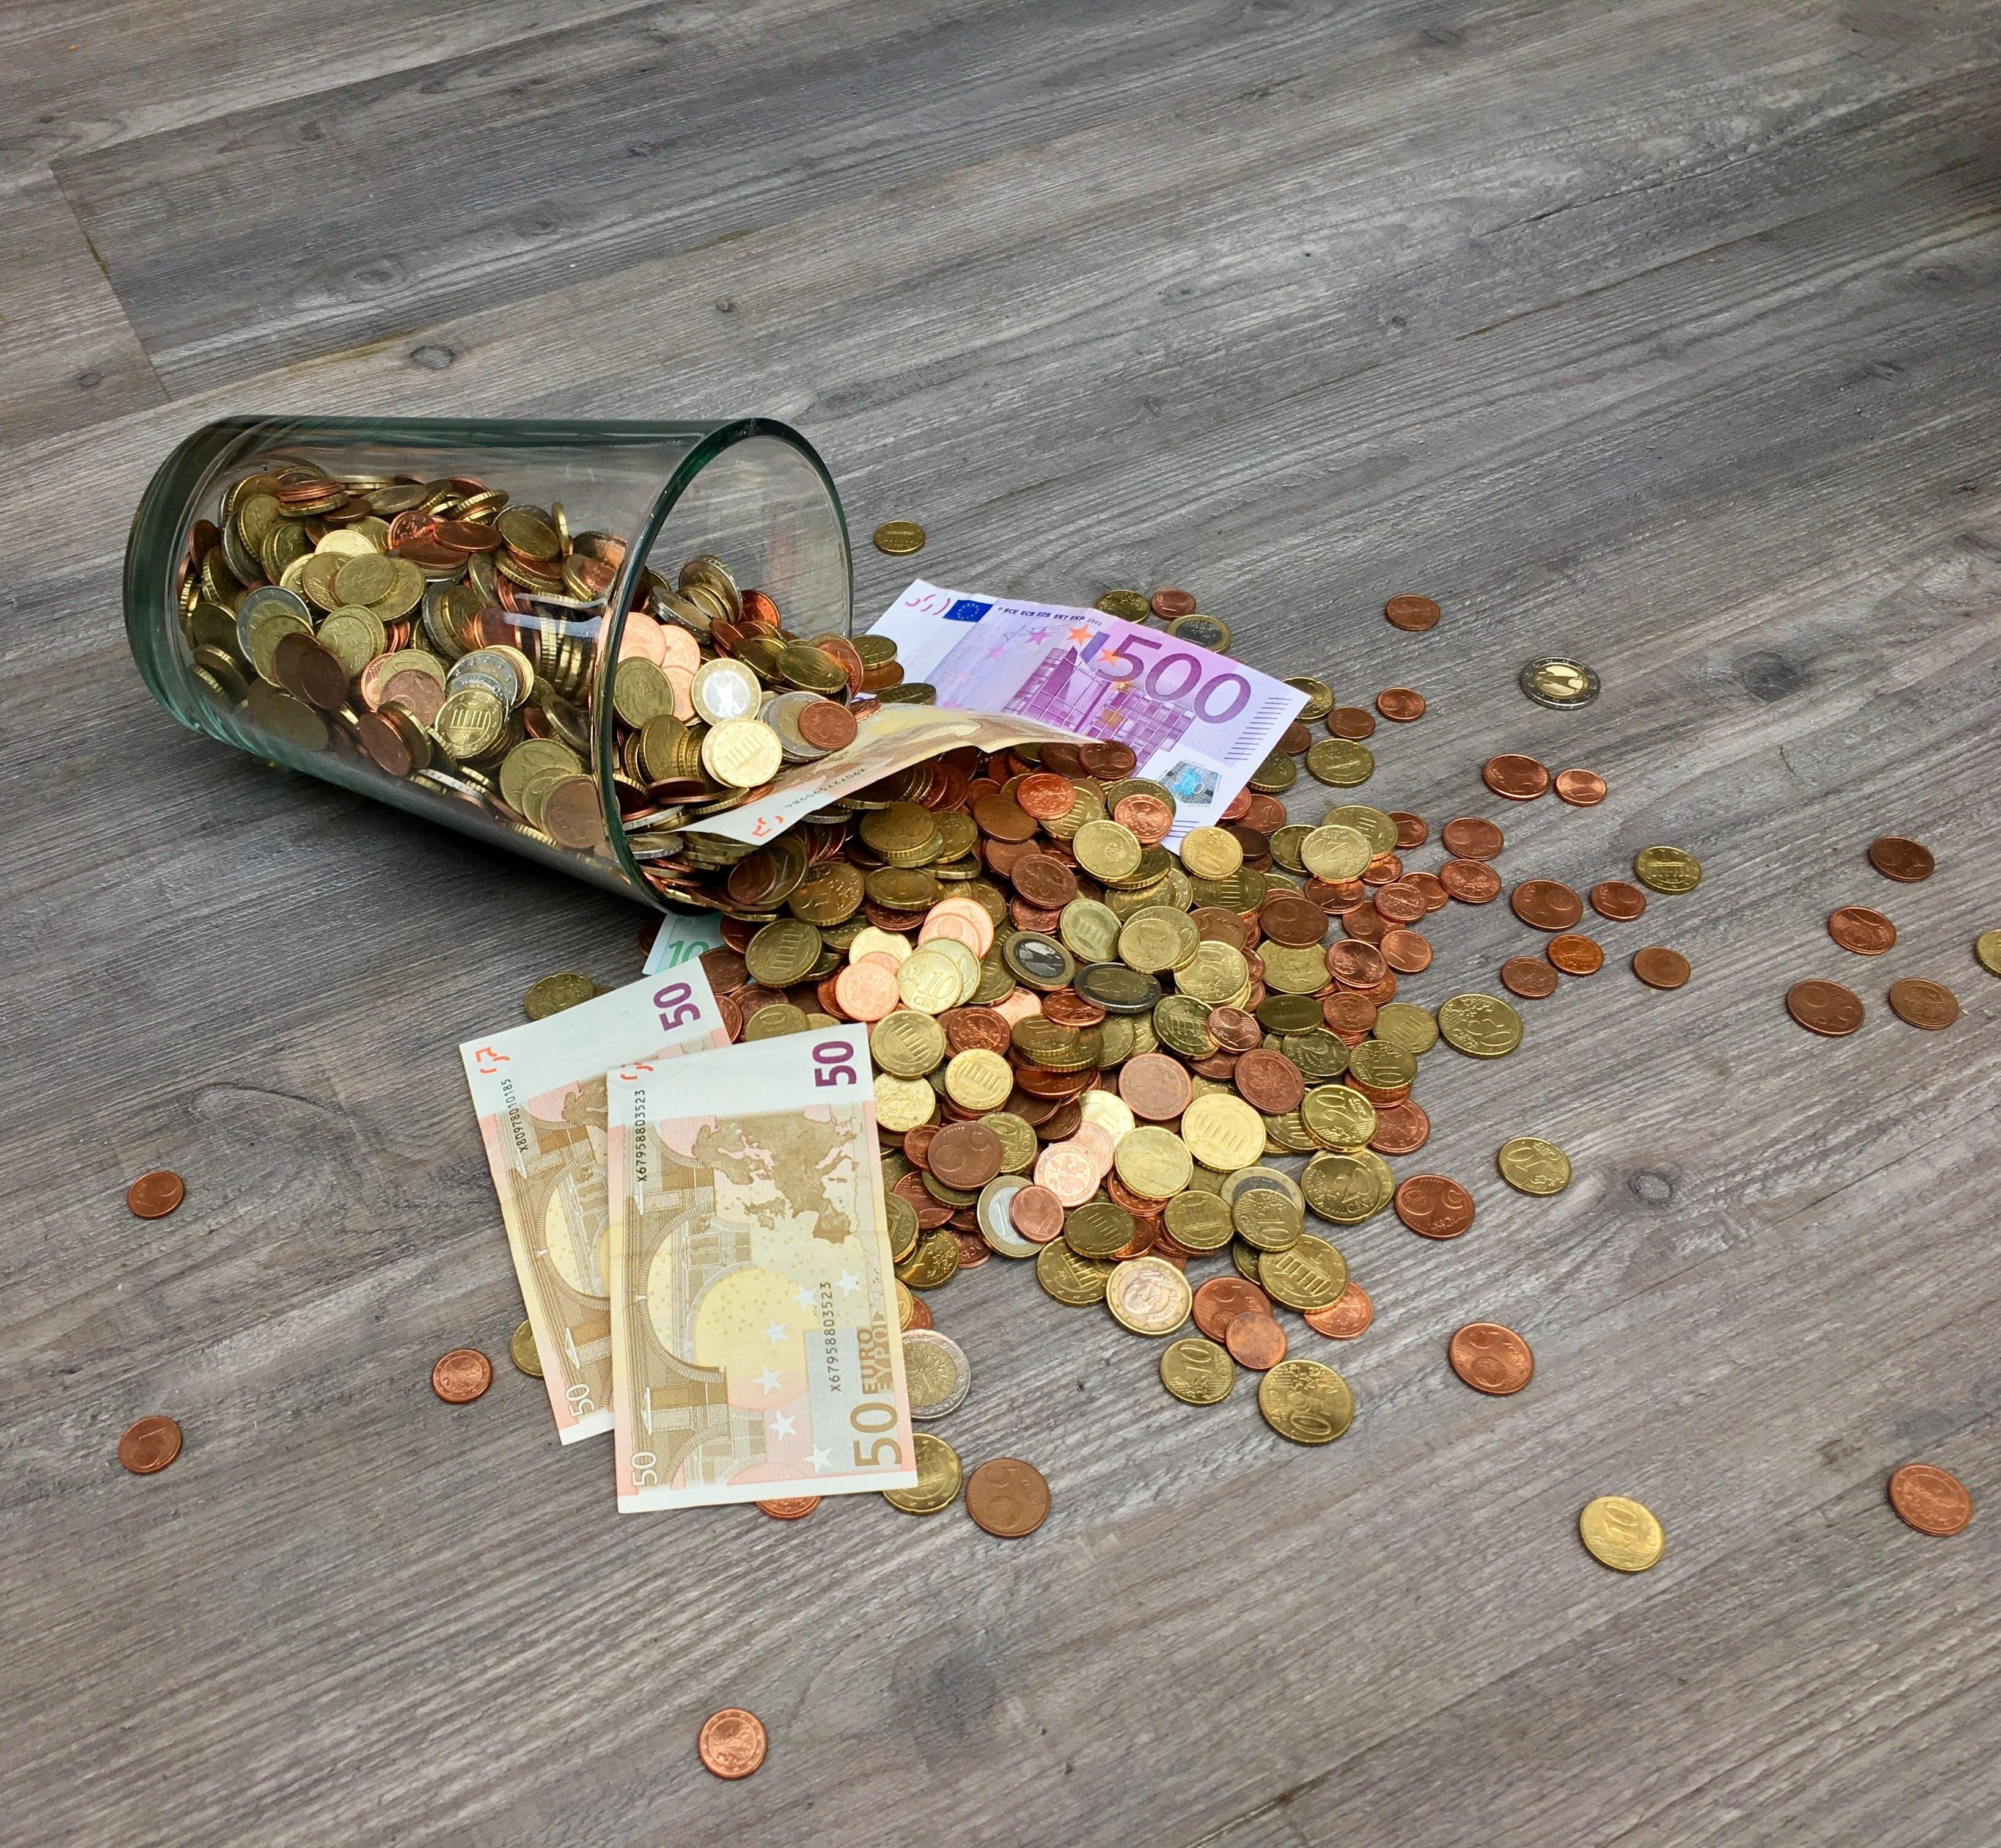 Titelbild-Banknoten-Bezahlen-Euro-Cent-Geld-Vergütungsmanagement-pexels-210679-Pixabay